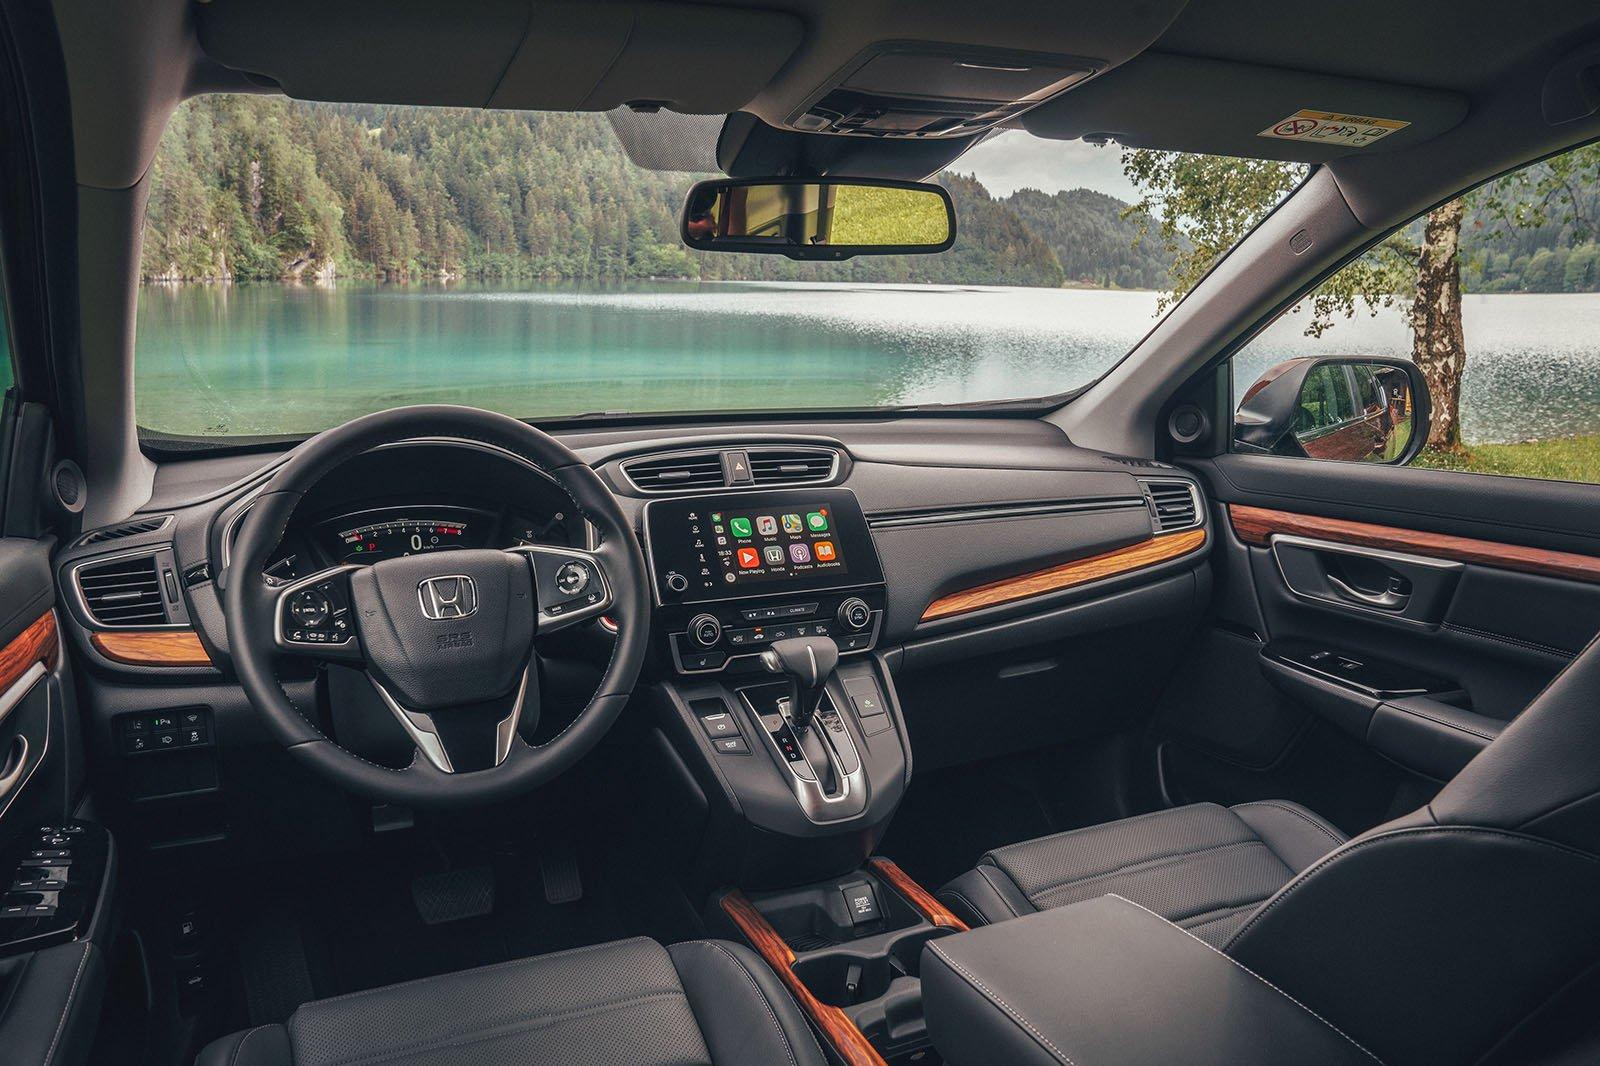 Honda CR-V dash